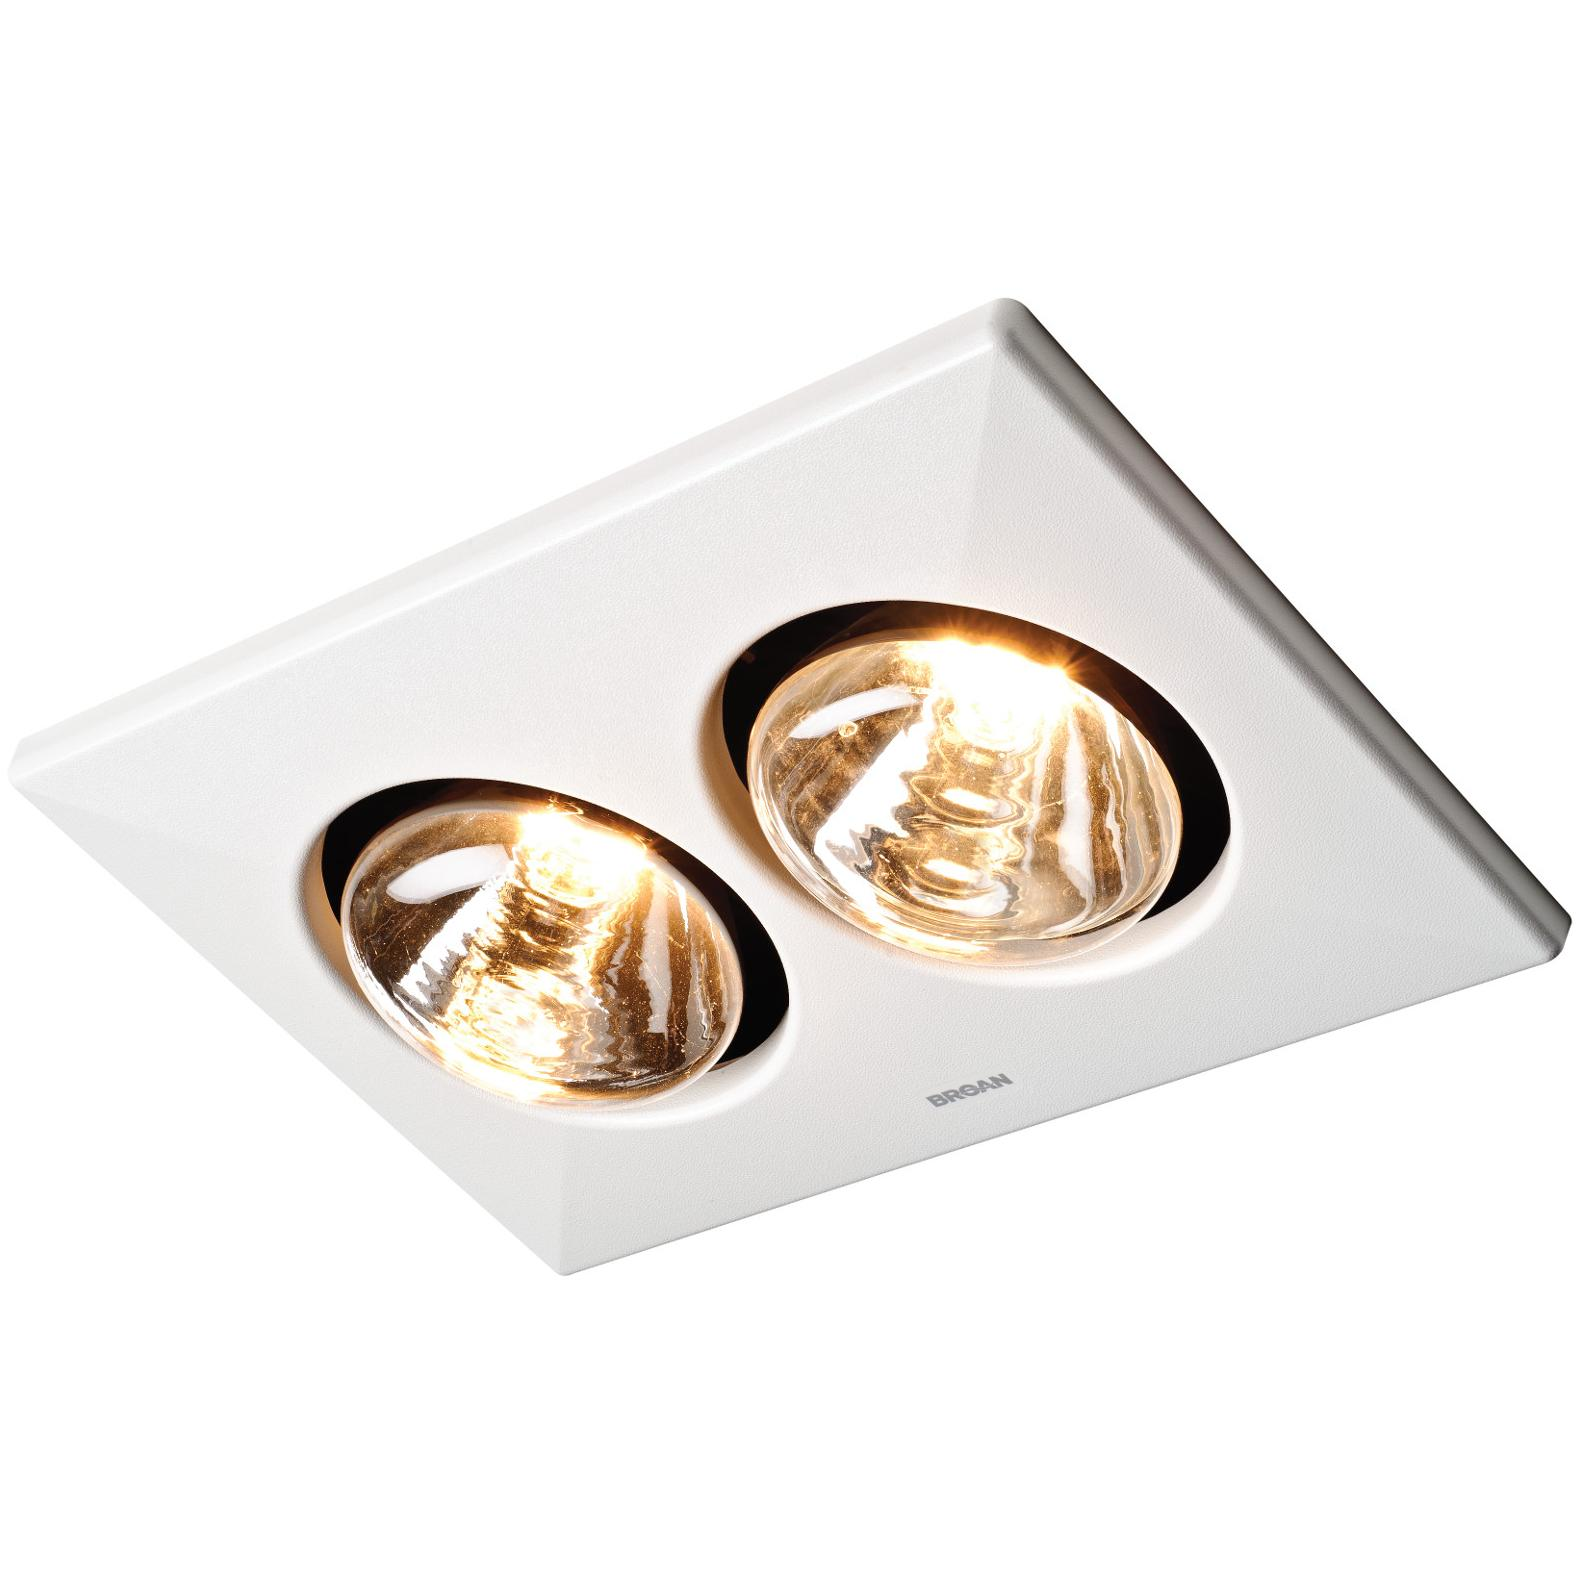 Broan 162 1-Bulb Opening Heater Bath Fan with Light ...